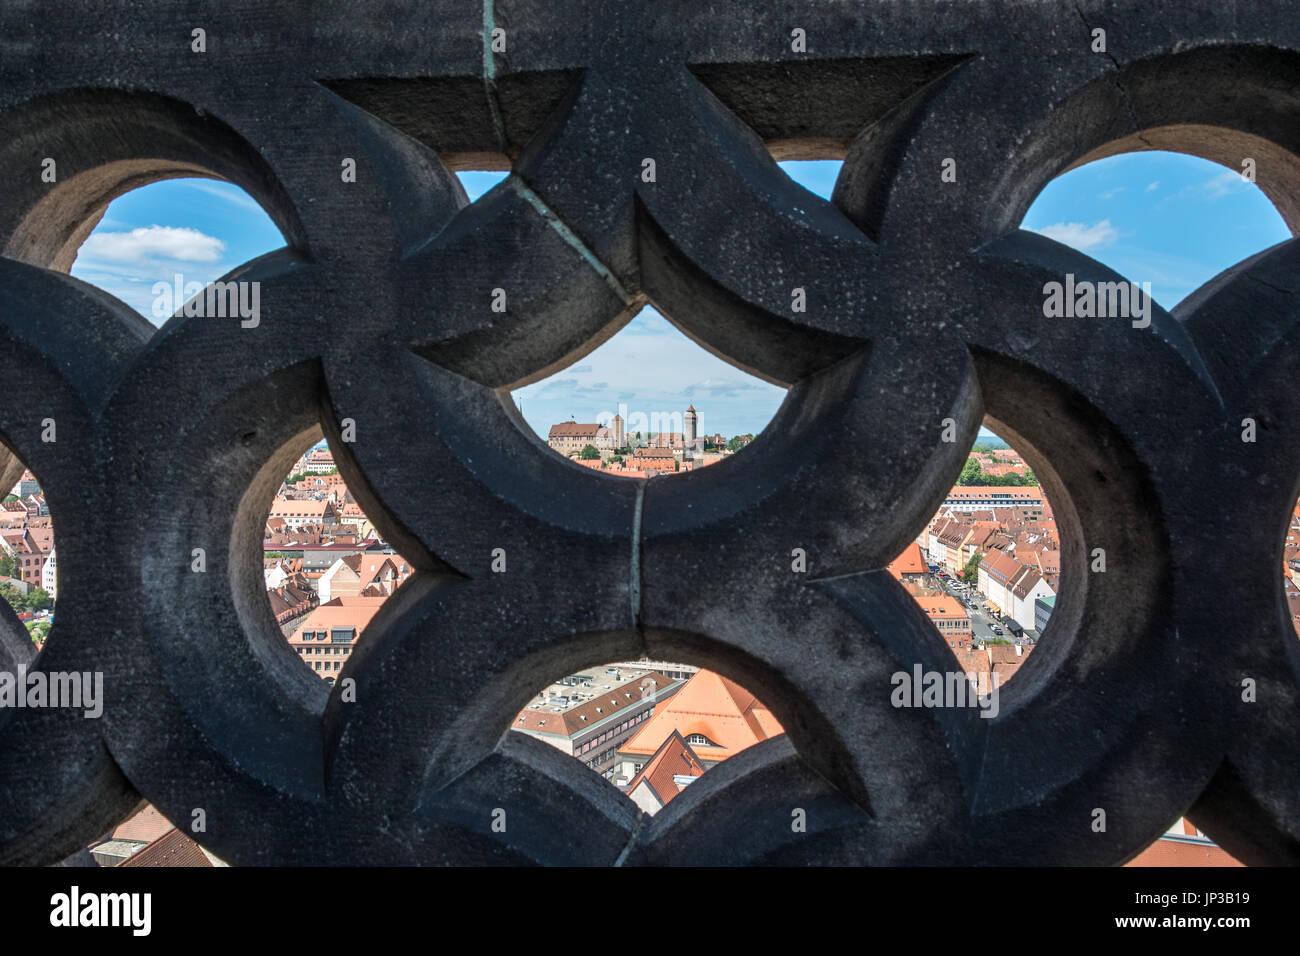 Die berühmte Burg Nürnberg durch eine Steinmauer als Rahmen gesehen ...